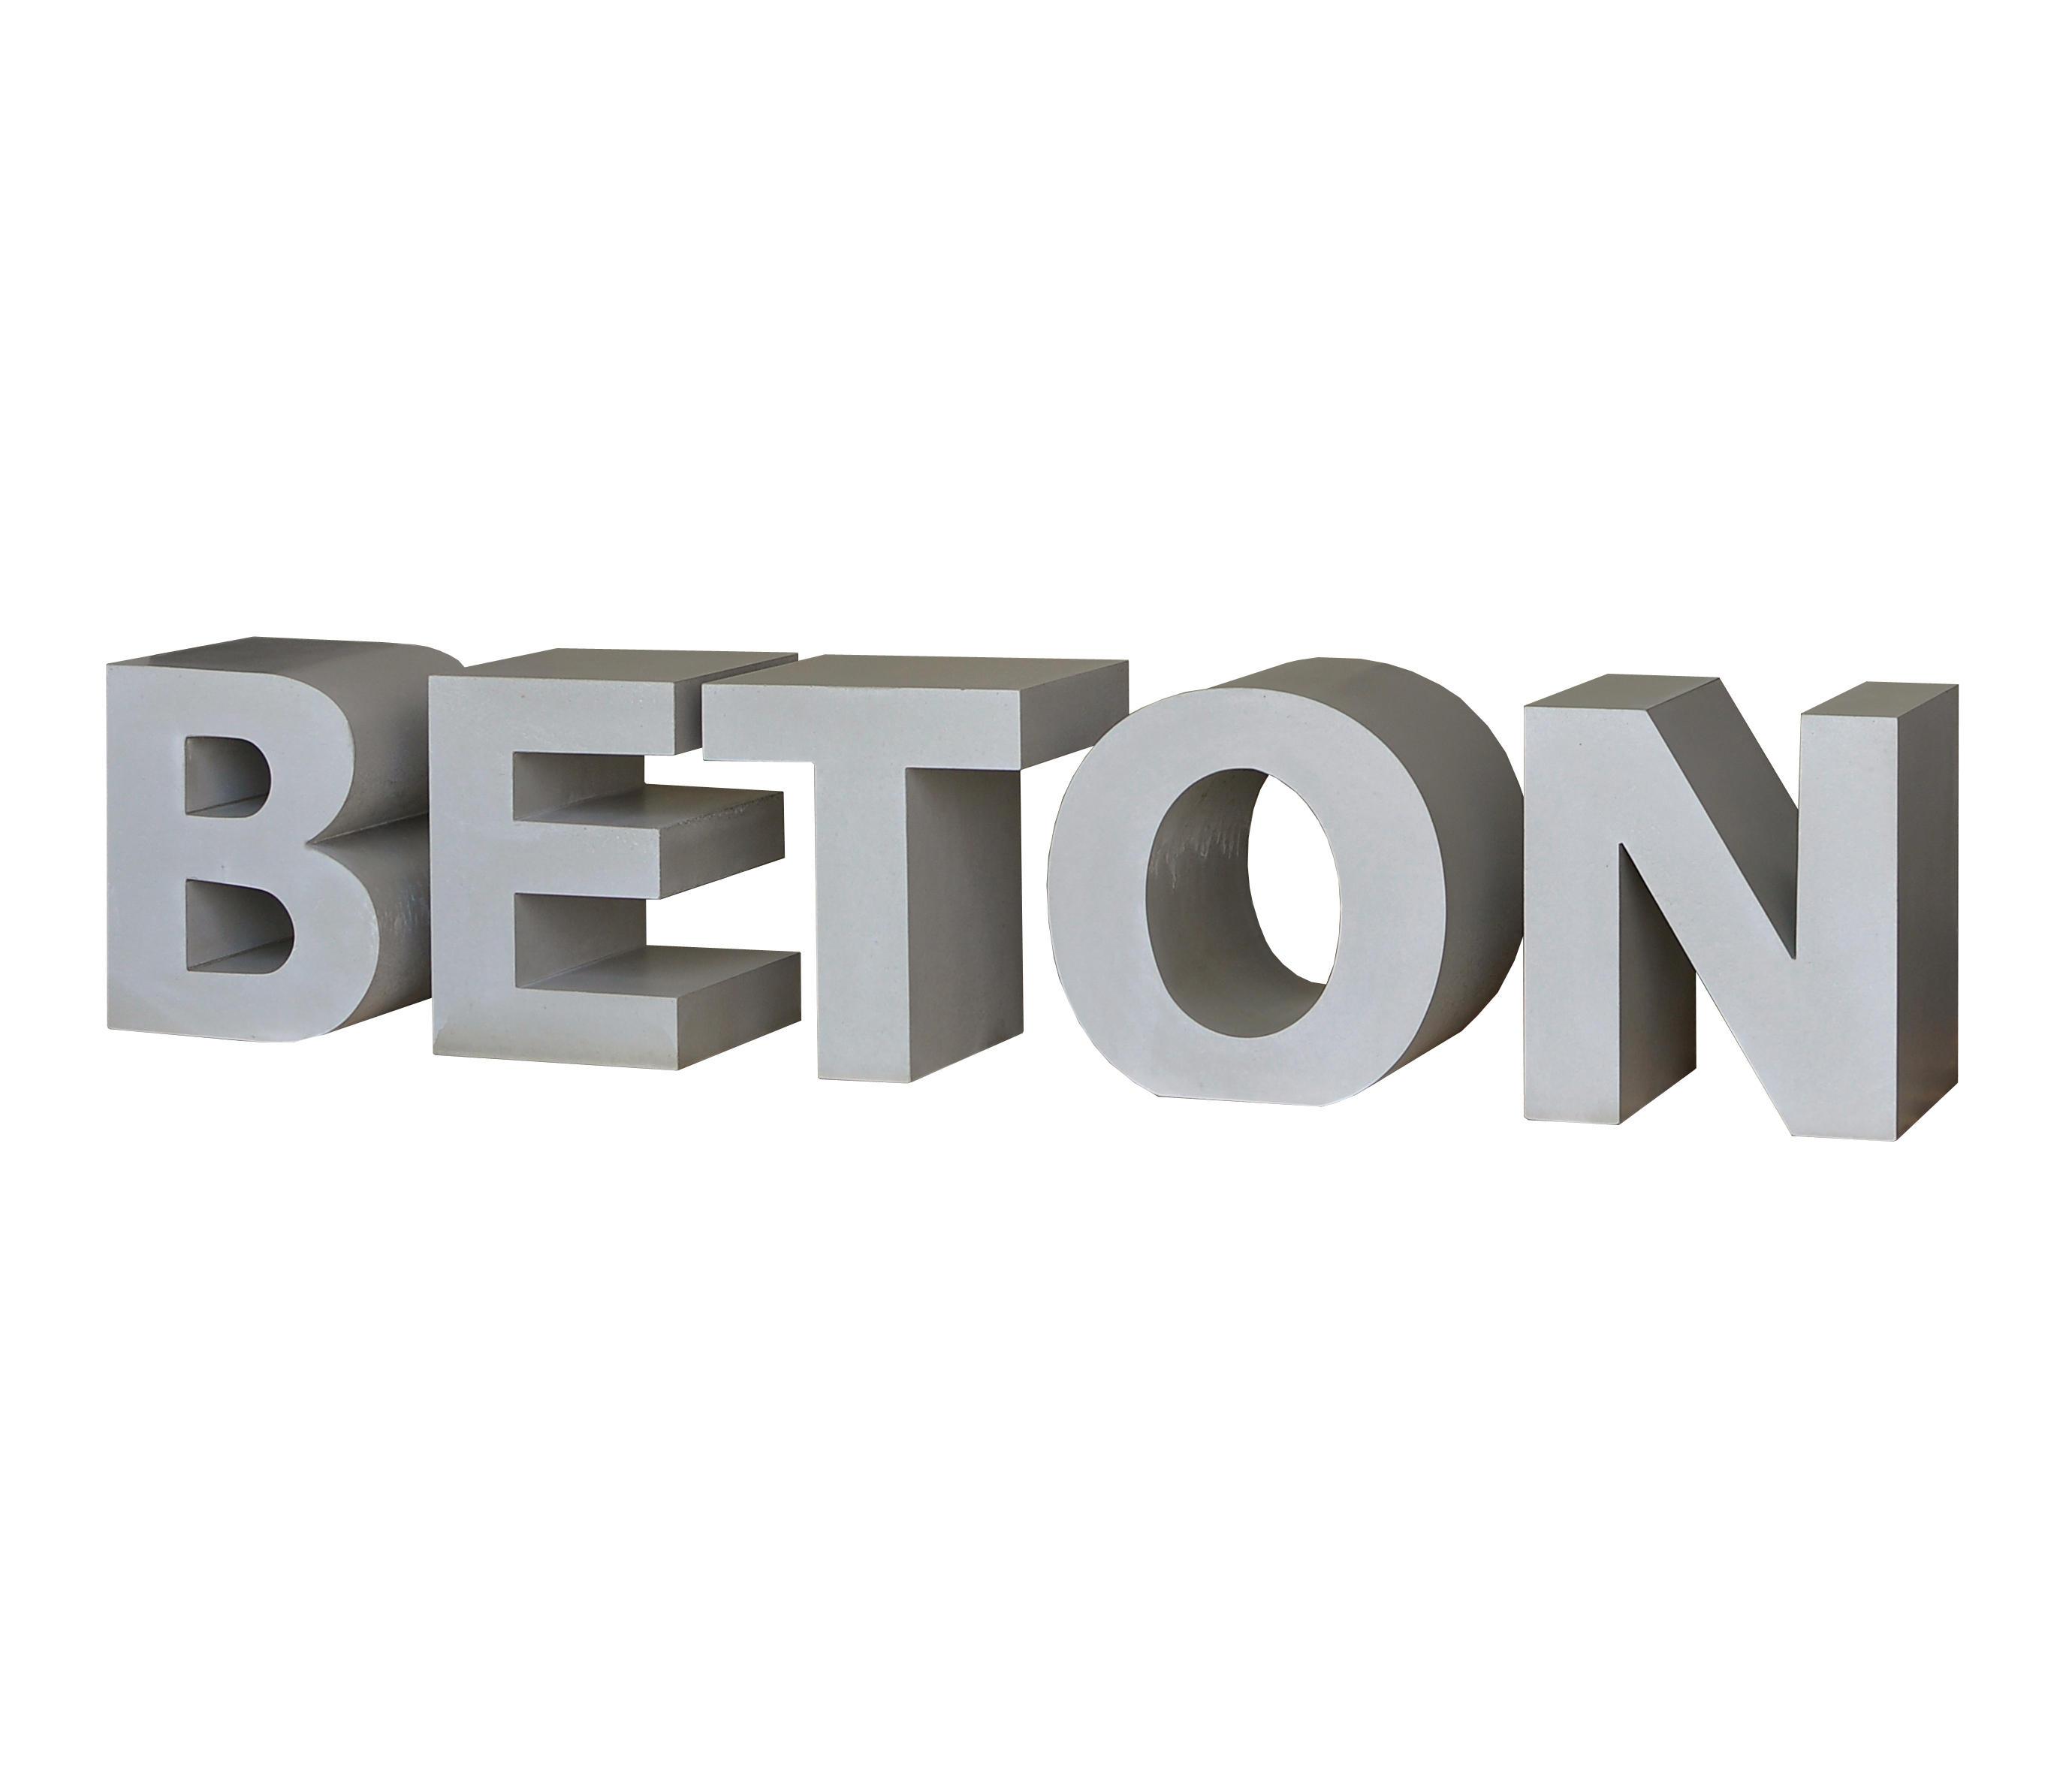 Betonbuchstaben Hausnummern Buchstaben Von Oggi Beton Architonic